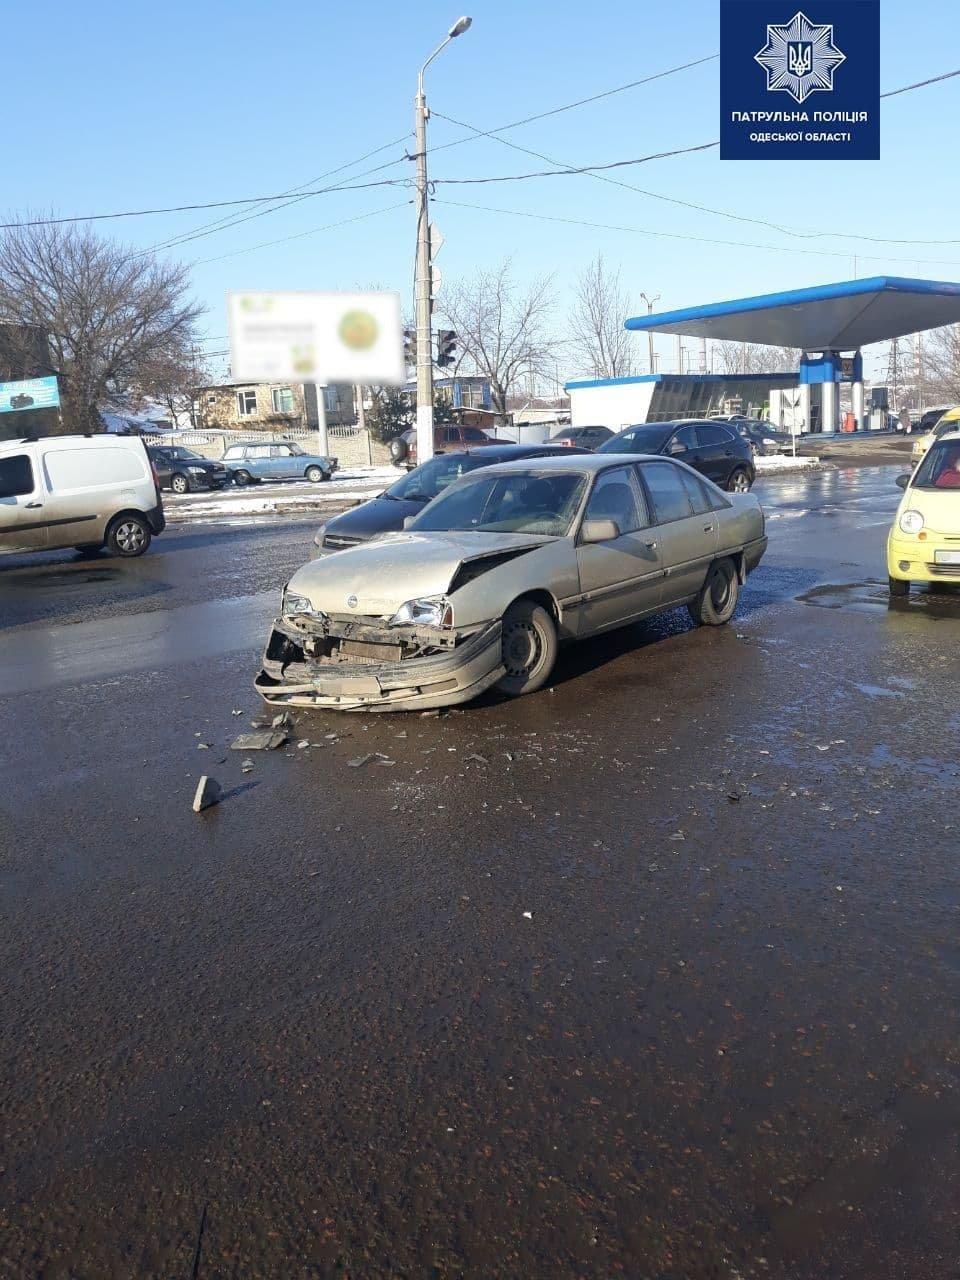 ДТП в Одессе: водитель автомобиля не пропустил скорую с бол..., фото-22